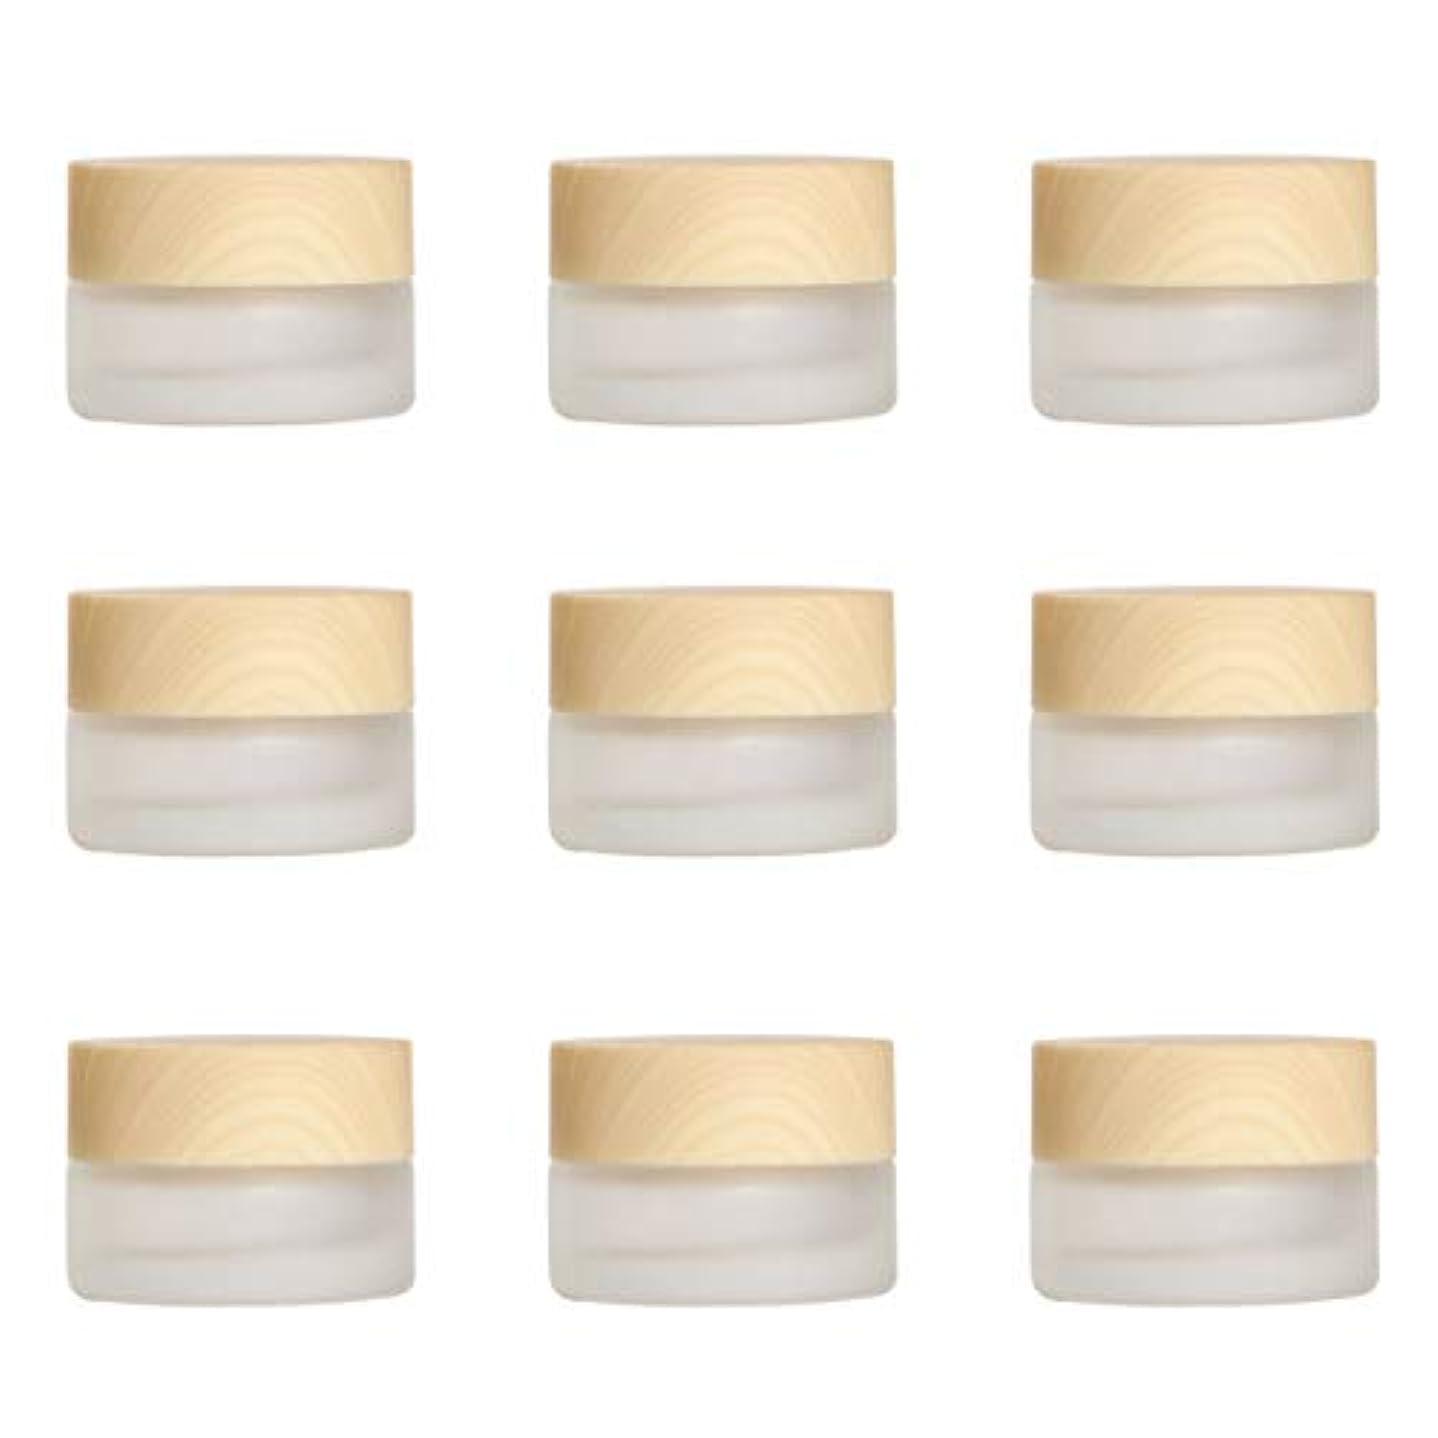 亜熱帯感性シェアYiteng スポイト遮光瓶 アロマオイル 精油 香水やアロマの保存 小分け用 遮光瓶 保存 詰替え ガラス製 9本セット (艶消しガラス5g)